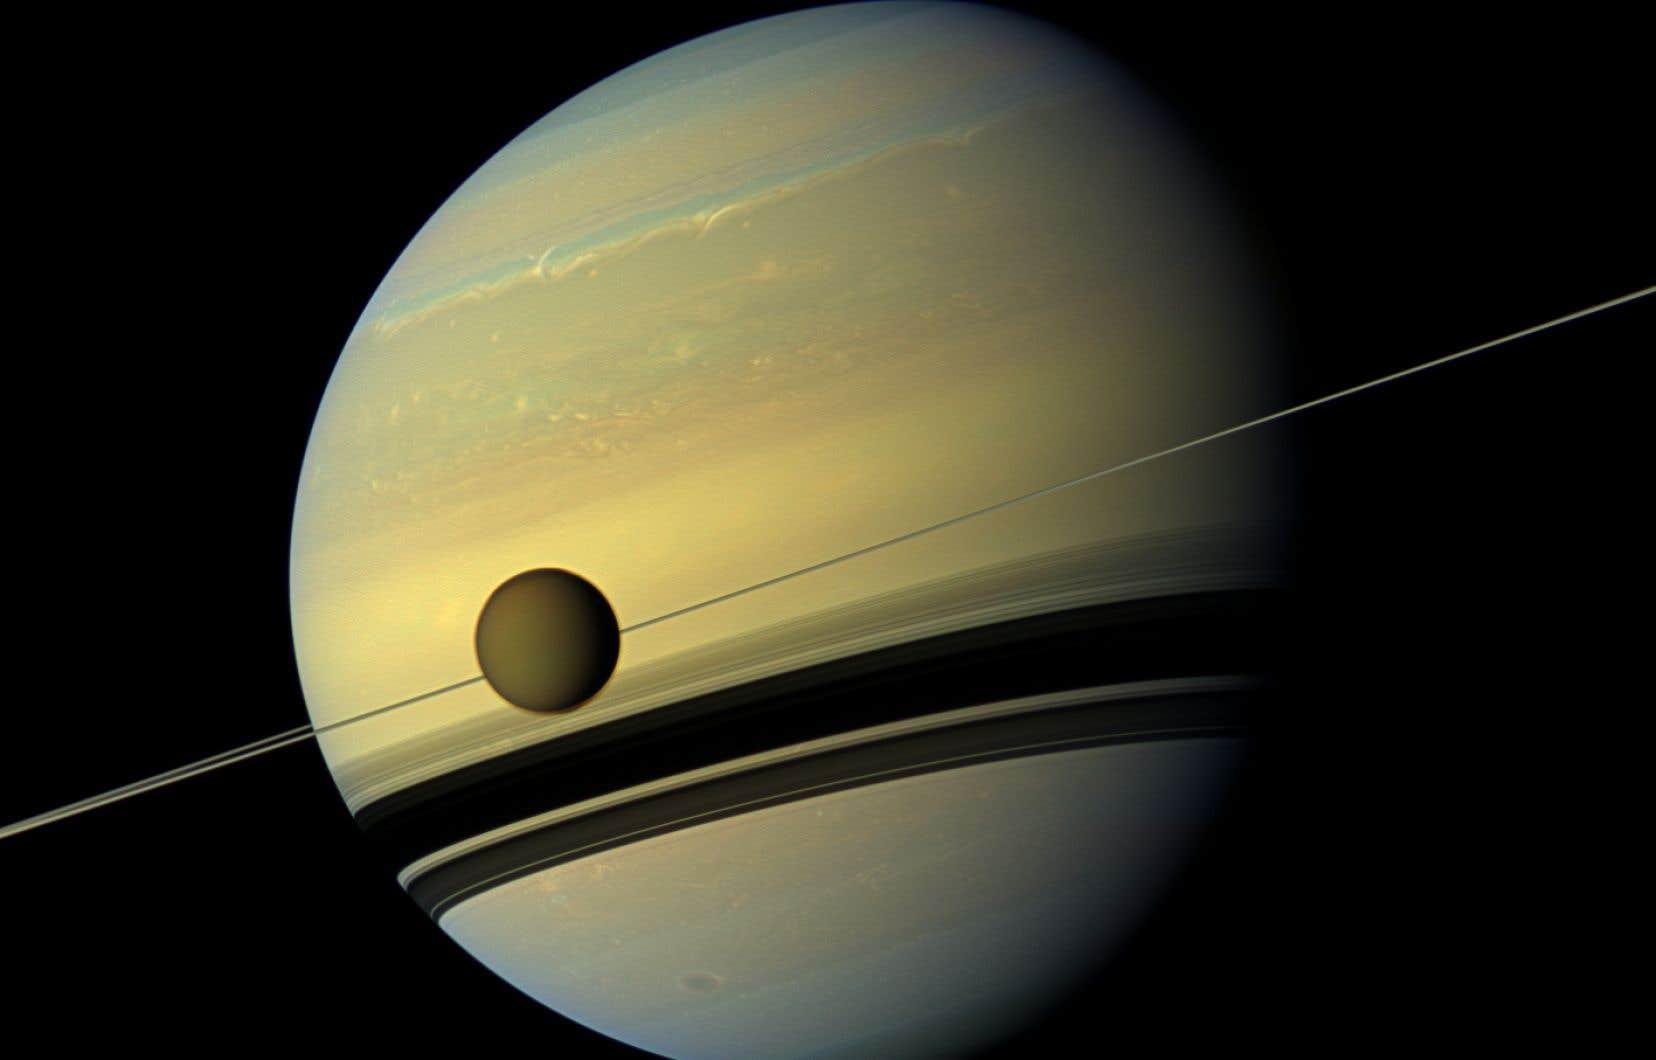 En combinant des données de différents instruments de la mission <em>Cassini</em>, les chercheurs ont pu répertorier six principaux terrains géologiques sur Titan.